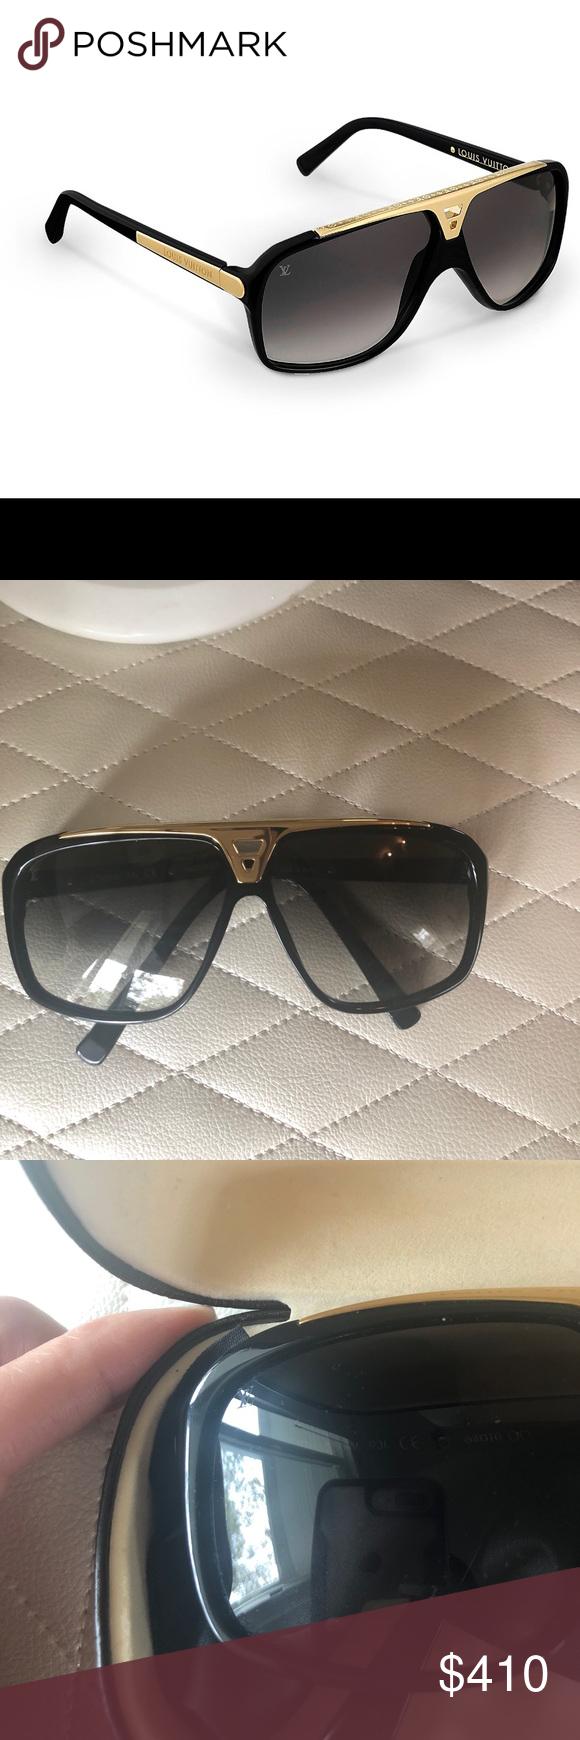 8bcccff60b28 Louis Vuitton men s sunglasses worn once 100% authentic like a new Louis  Vuitton Accessories Sunglasses